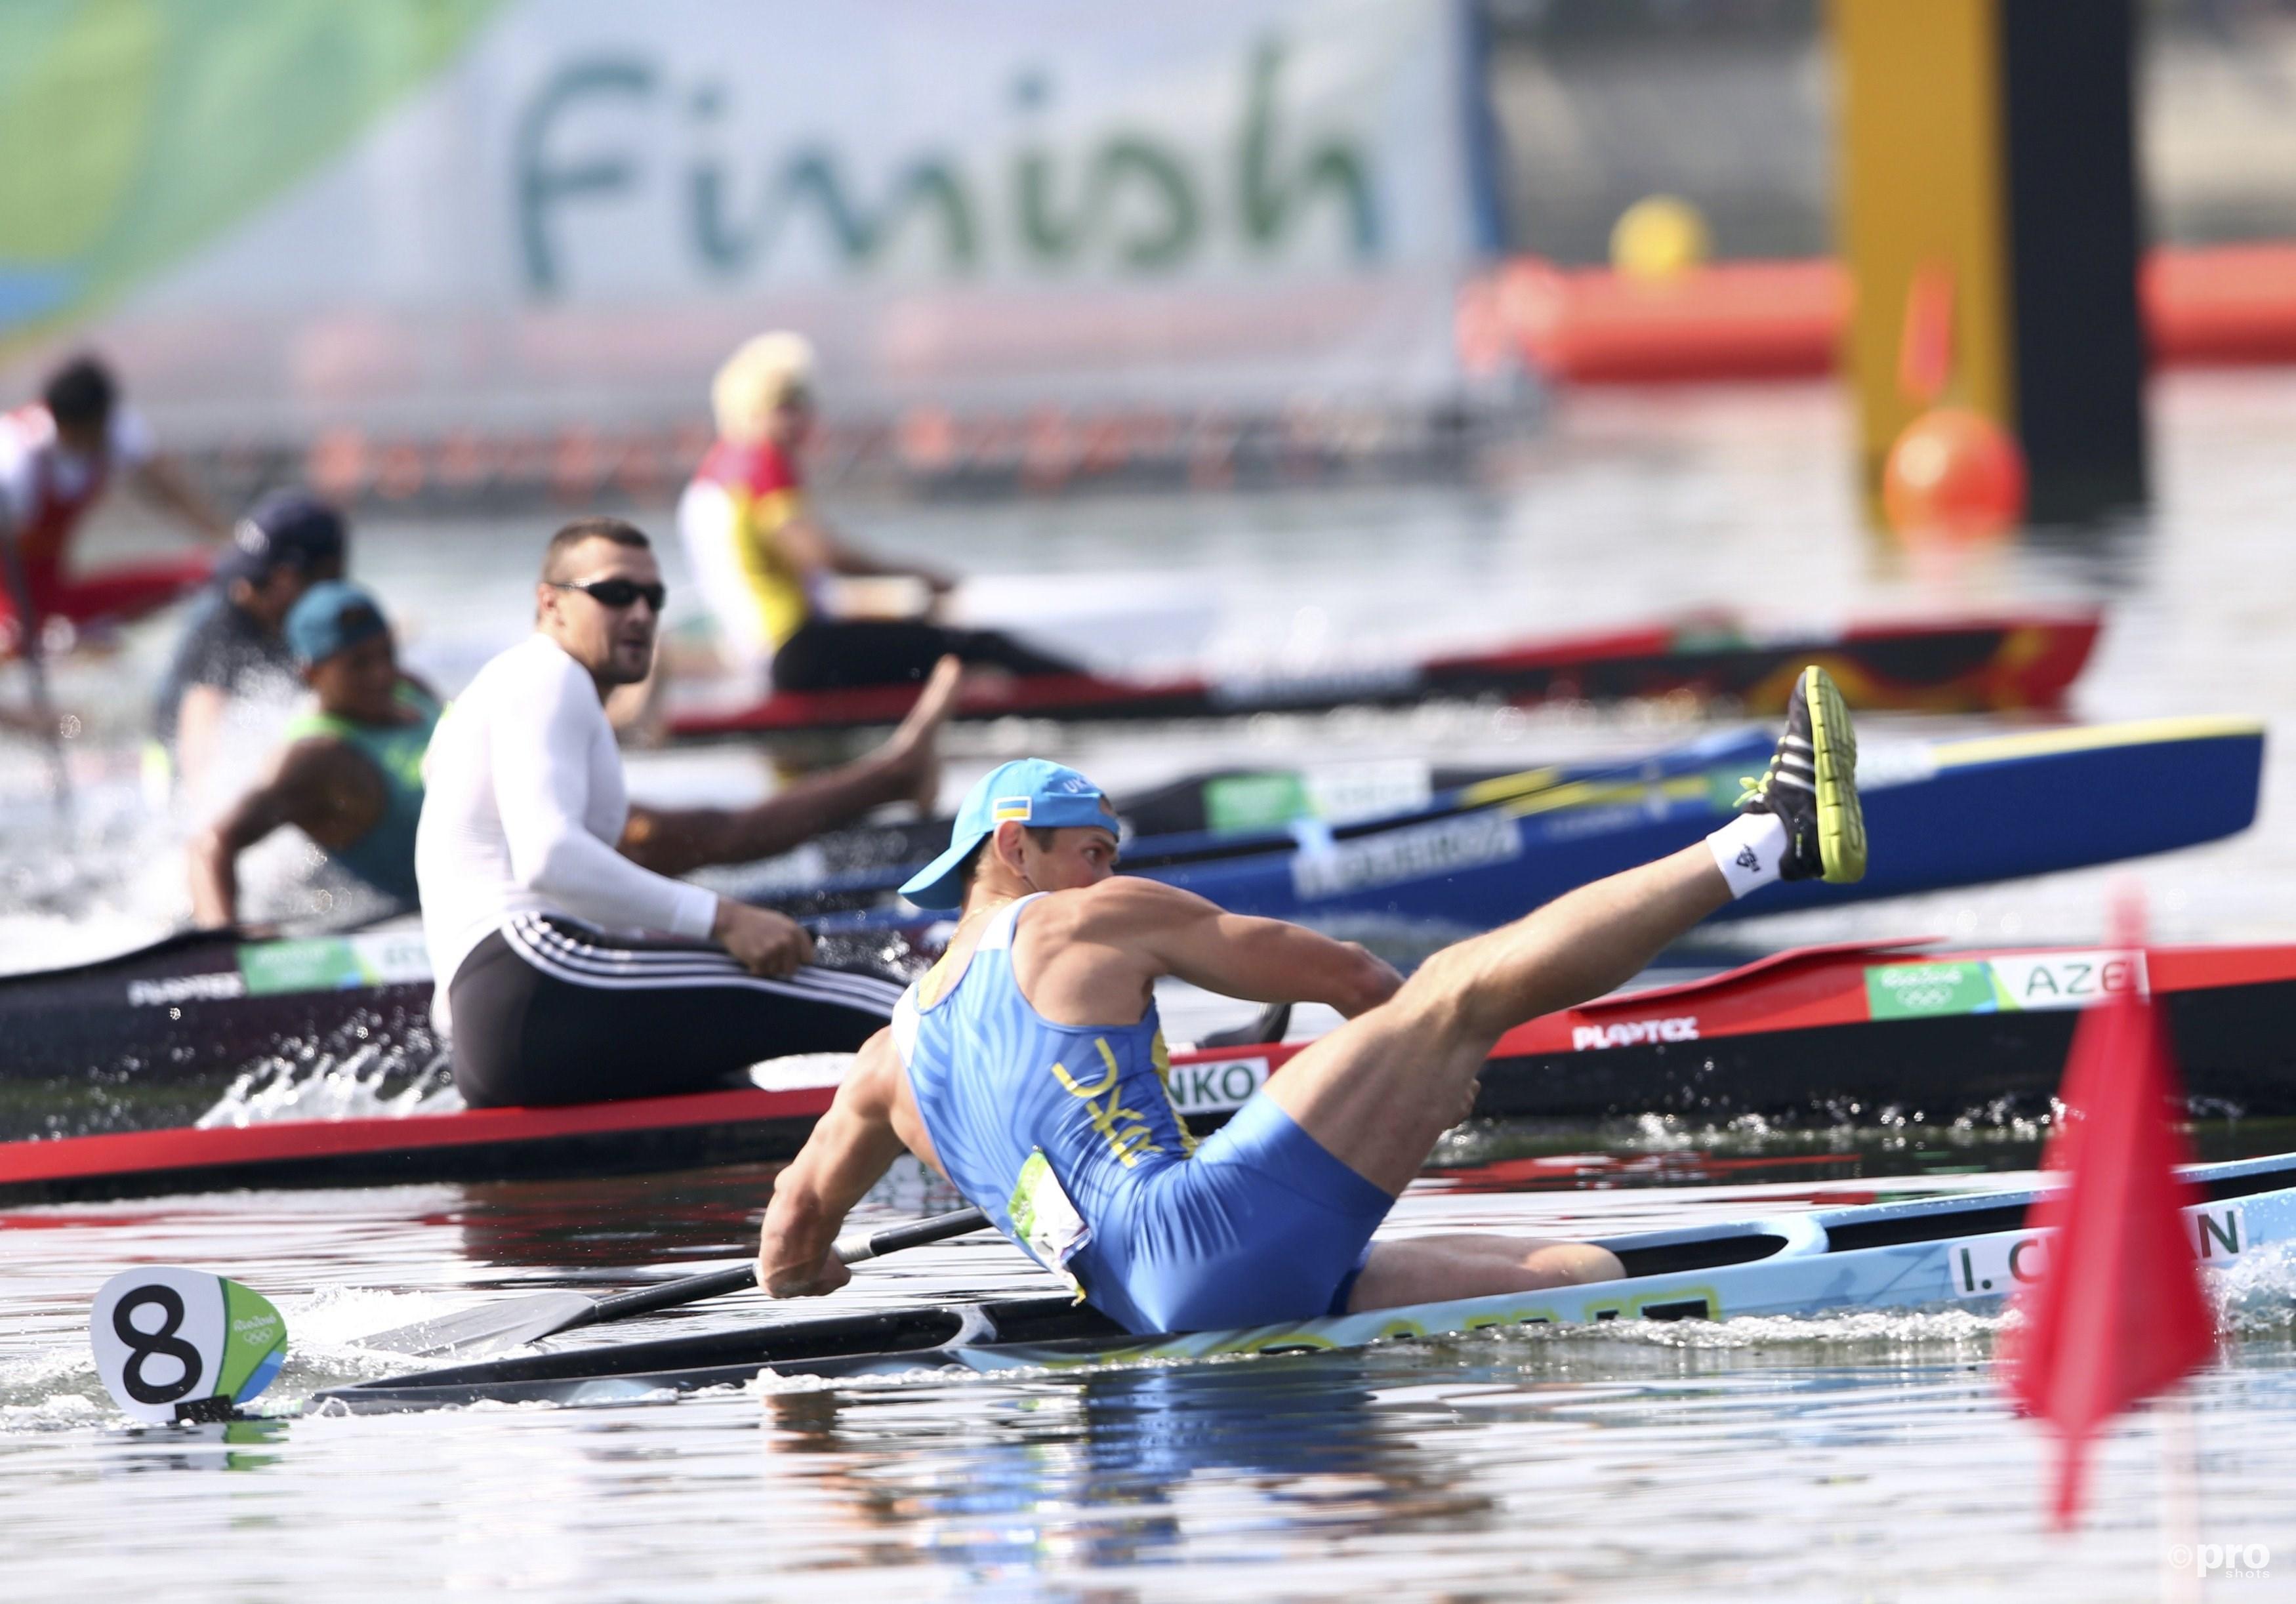 Cheban duwt zijn boot over de finish...(PROSHOTS/Action Images)